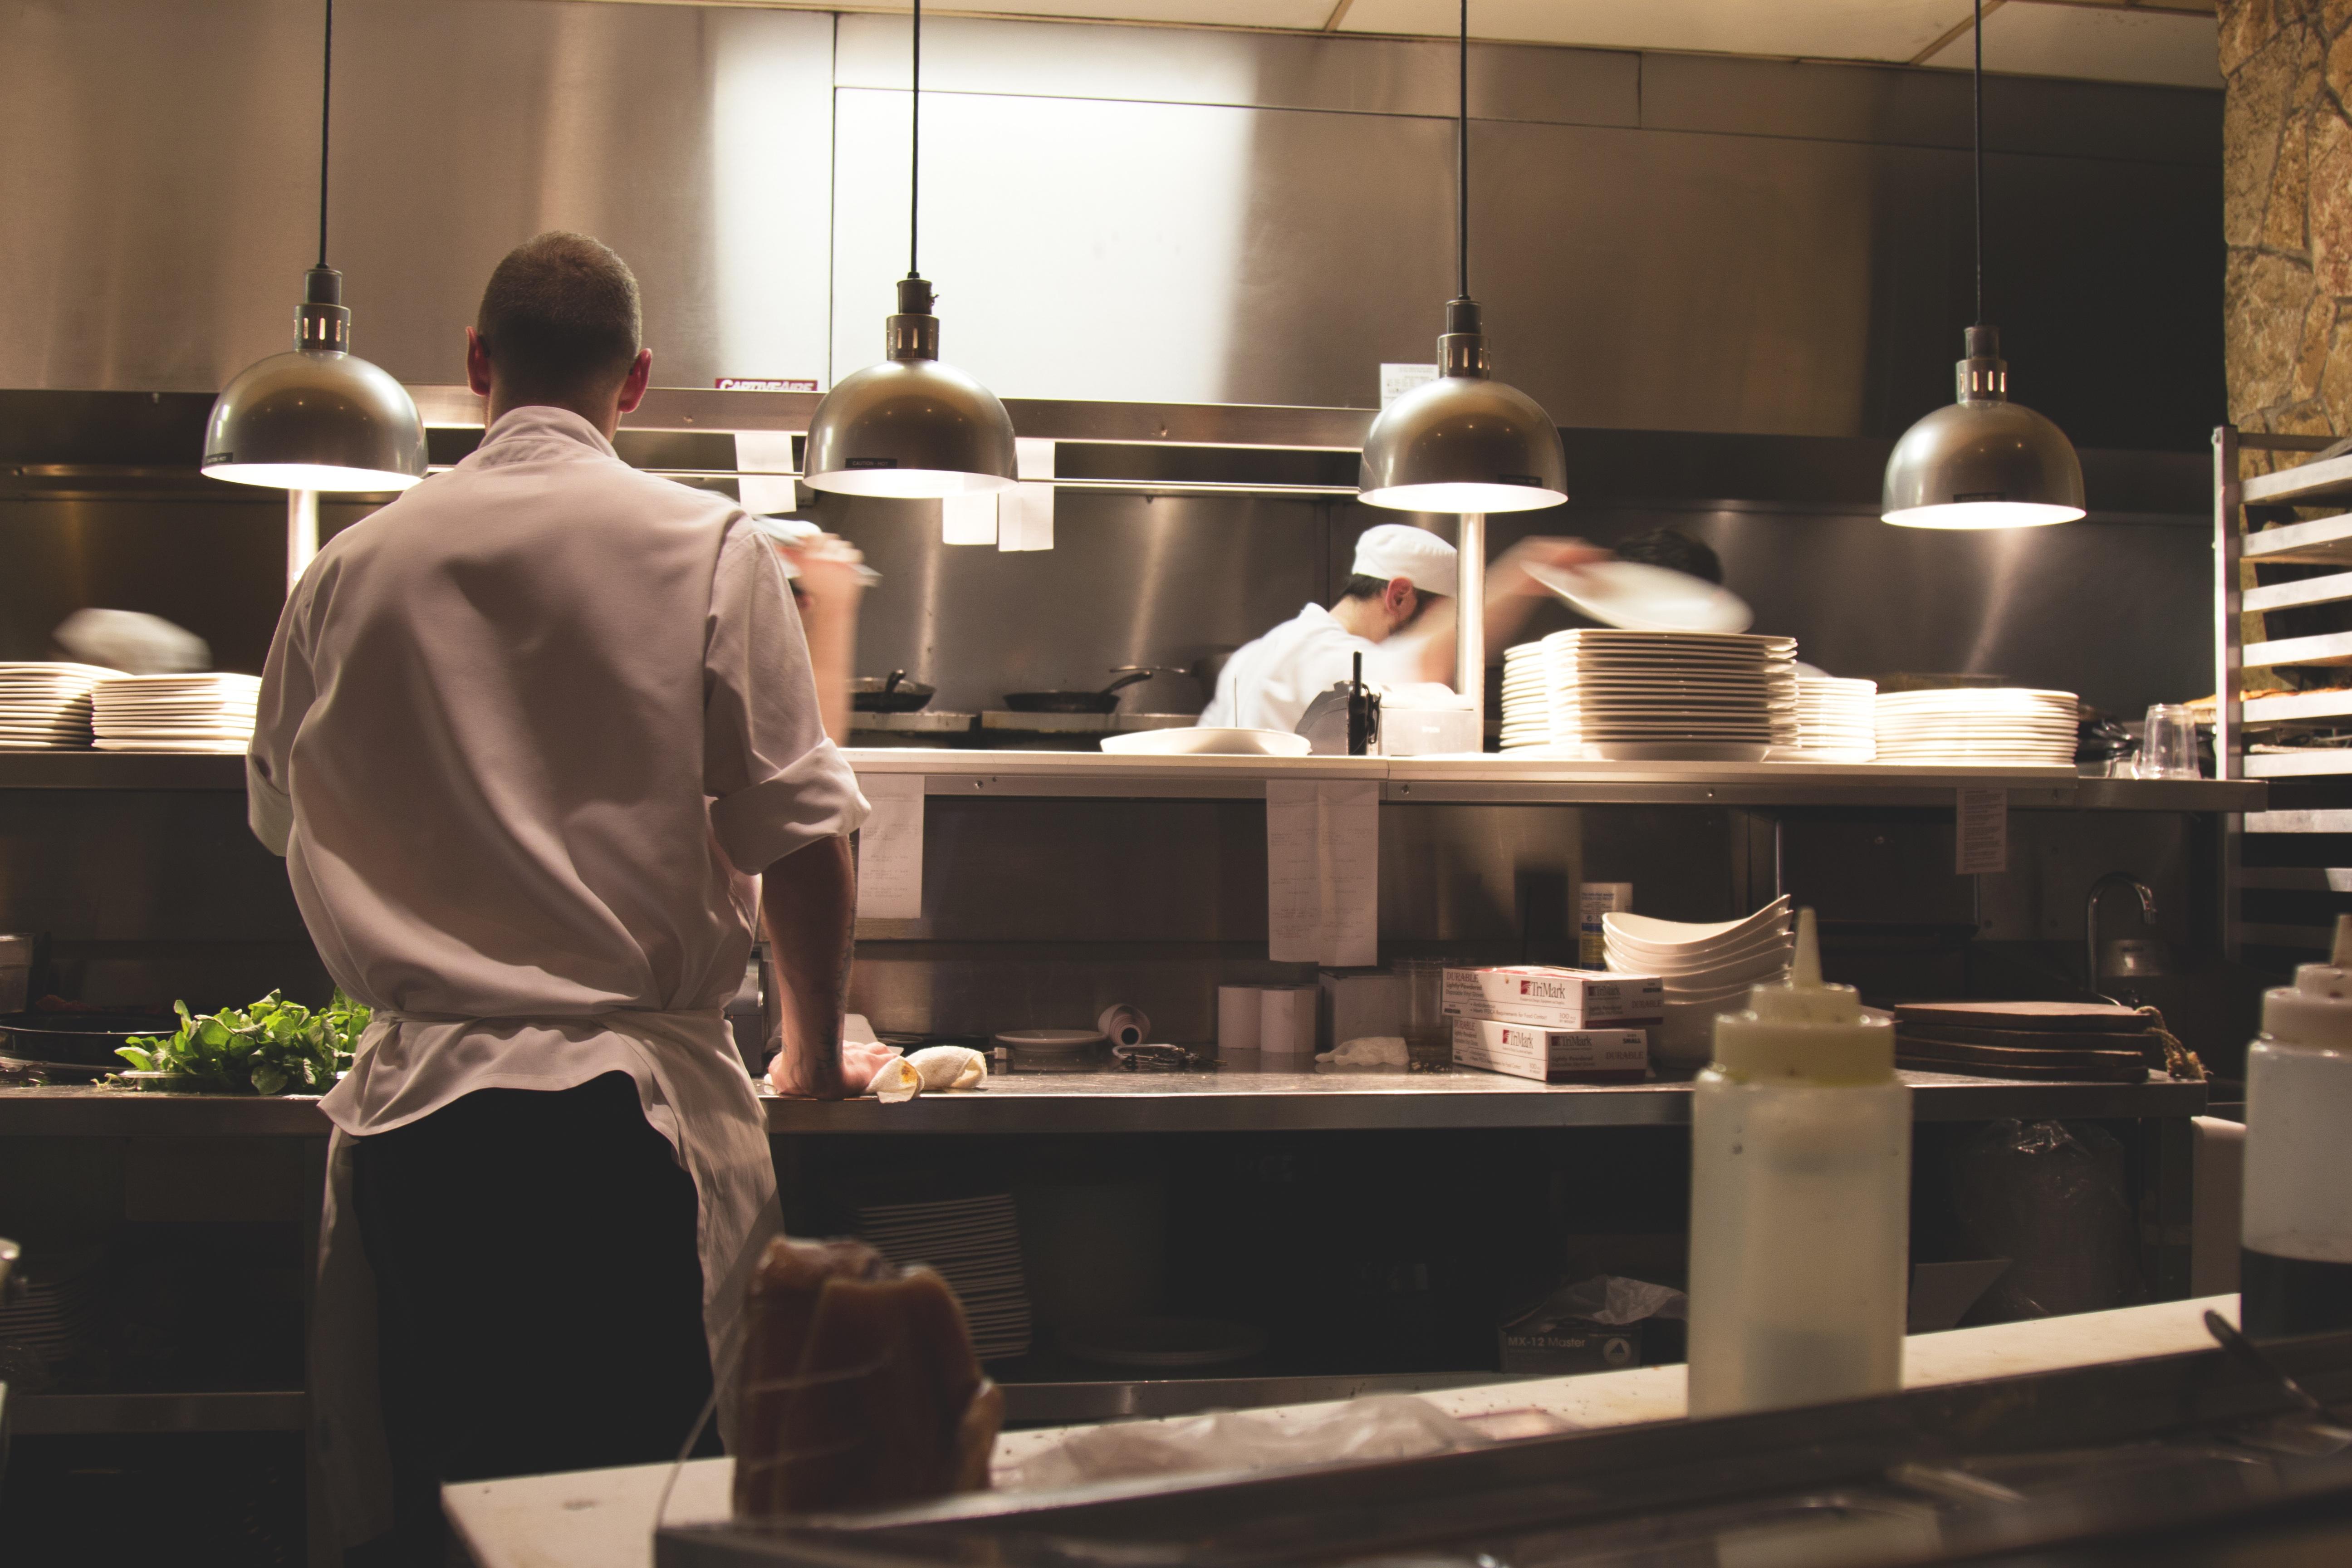 cuisine-professionnelle